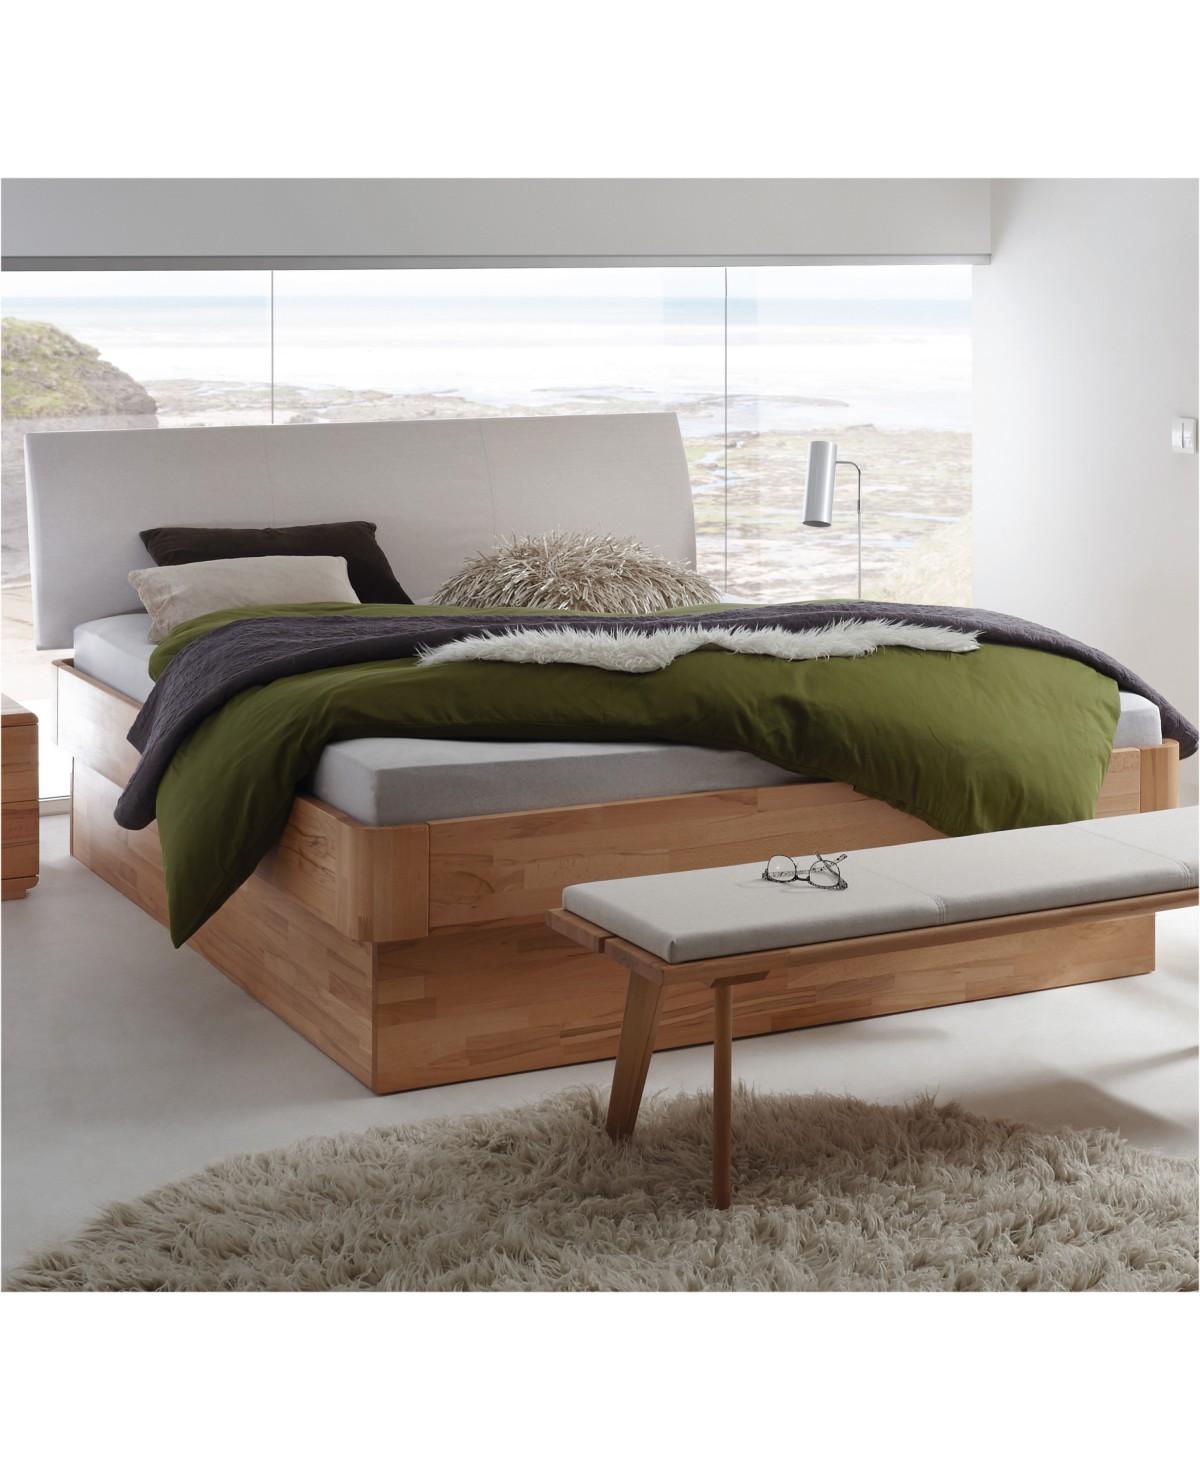 Full Size of 120x200 Bett Weiß Betten Mit Bettkasten Matratze Und Lattenrost Wohnzimmer Stauraumbett 120x200